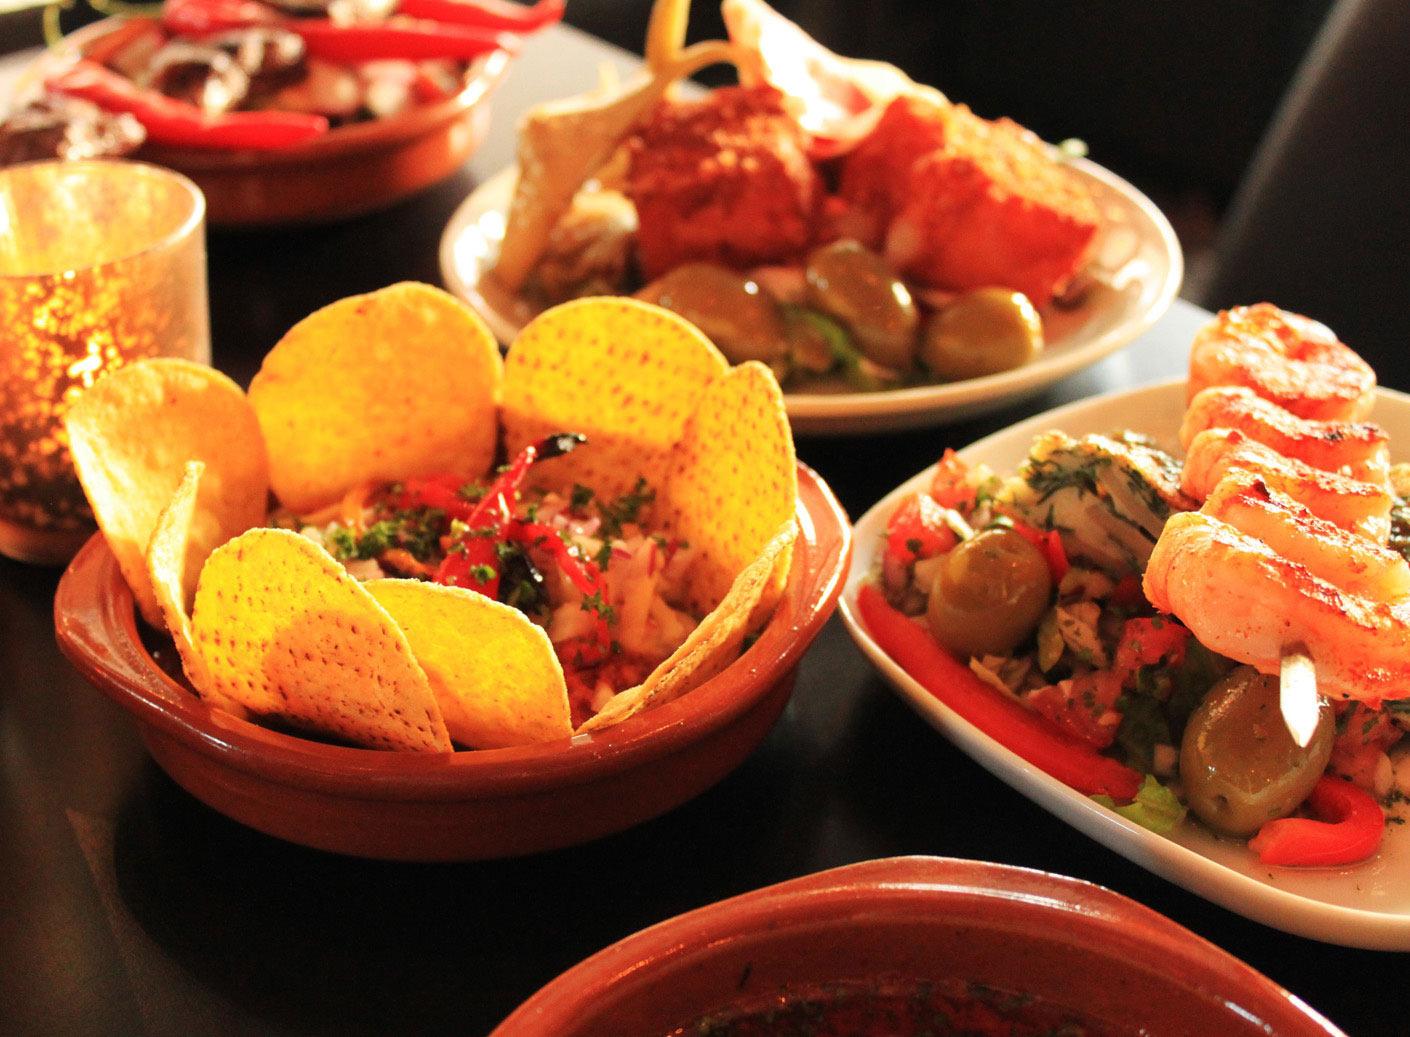 西班牙传统小食tapas